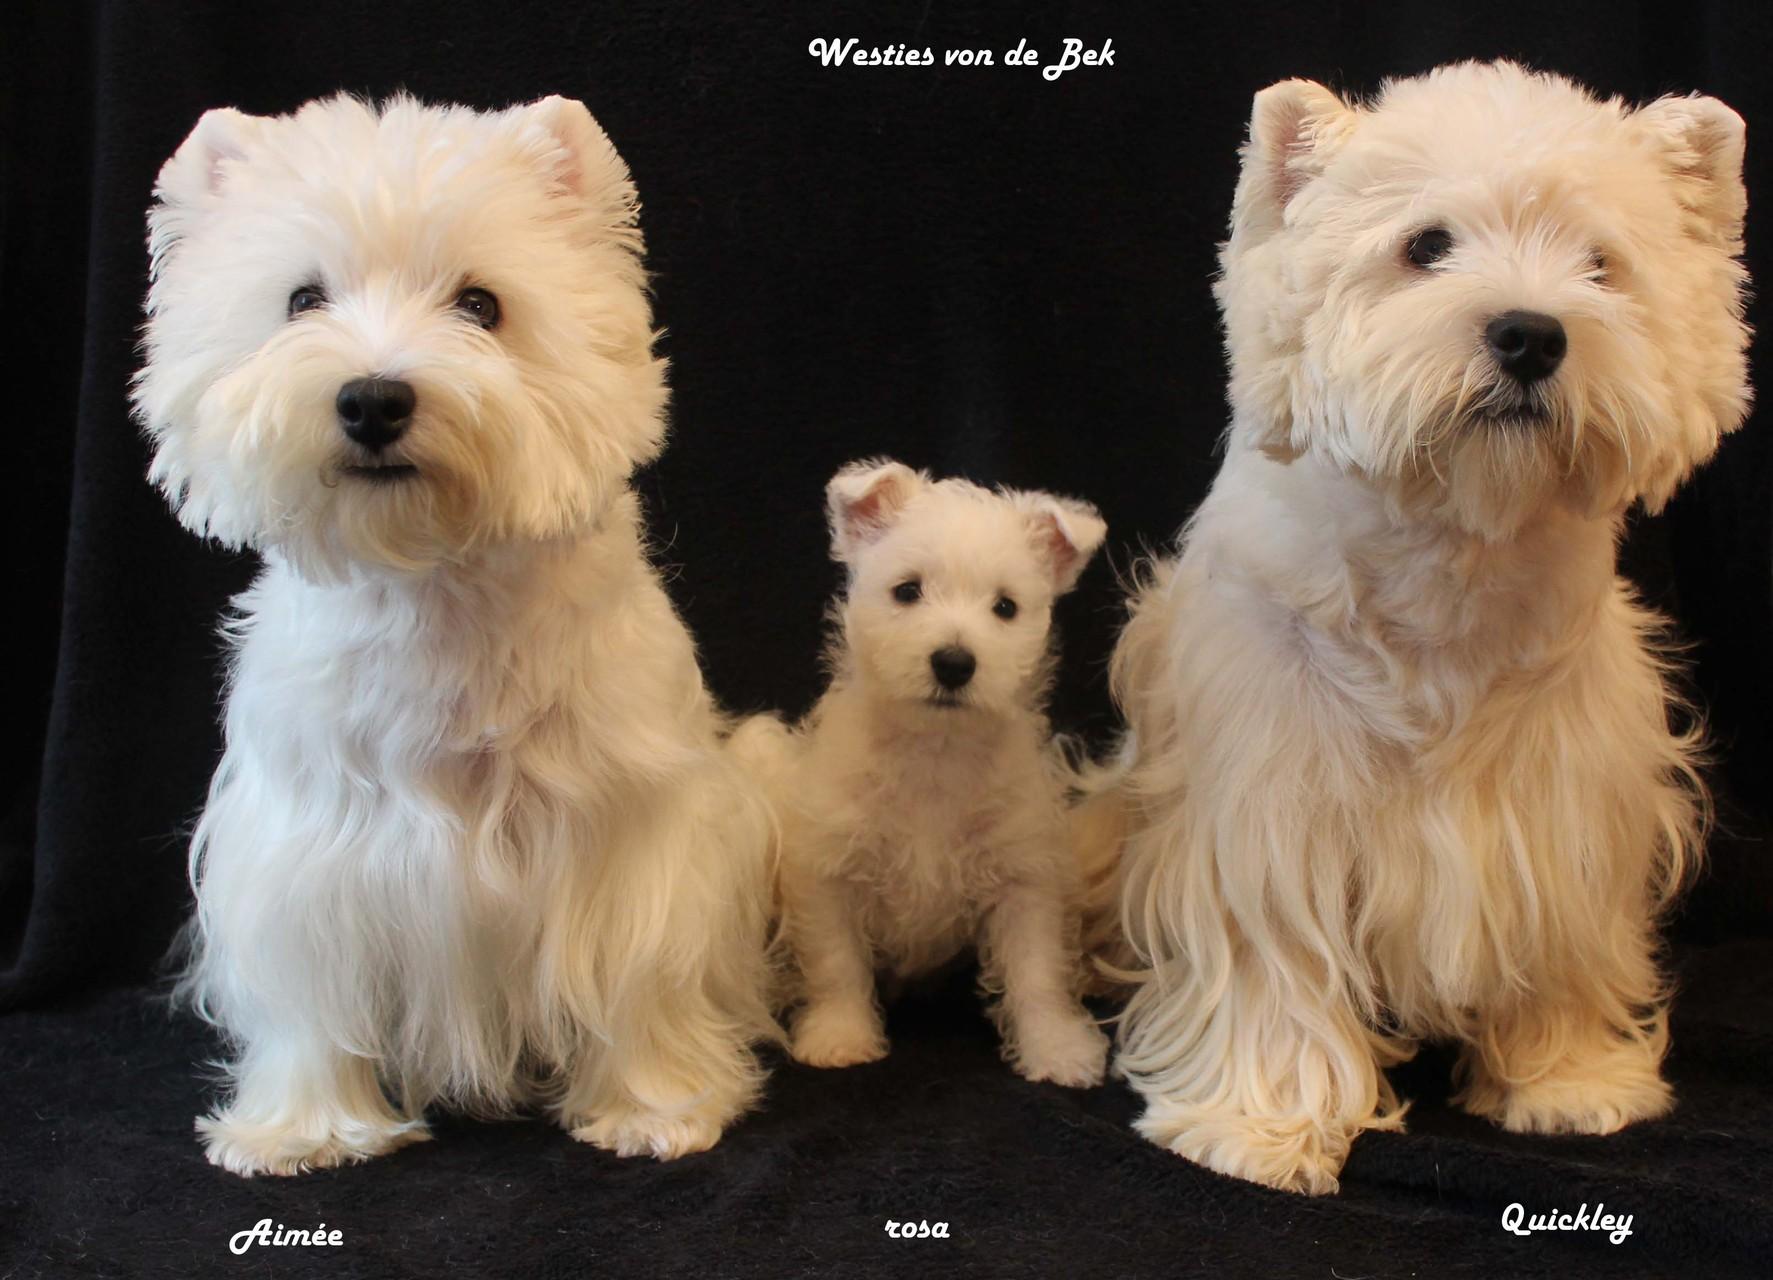 Hündin rosa 8 Wochen alt mit Aimée und Quickley